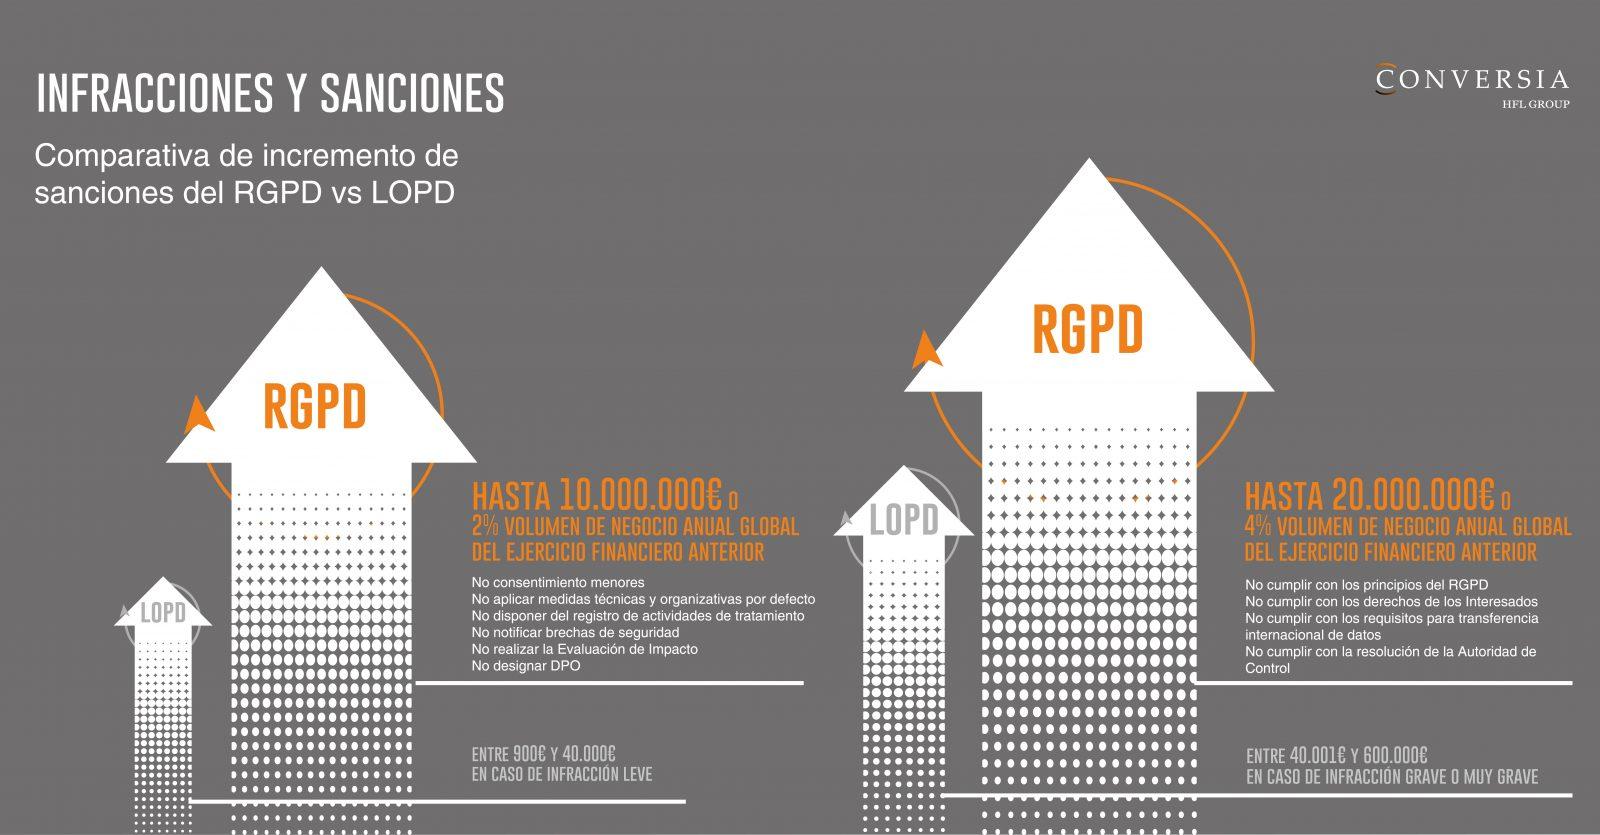 Reglamento general de proteccion de datos 2018 RGPD